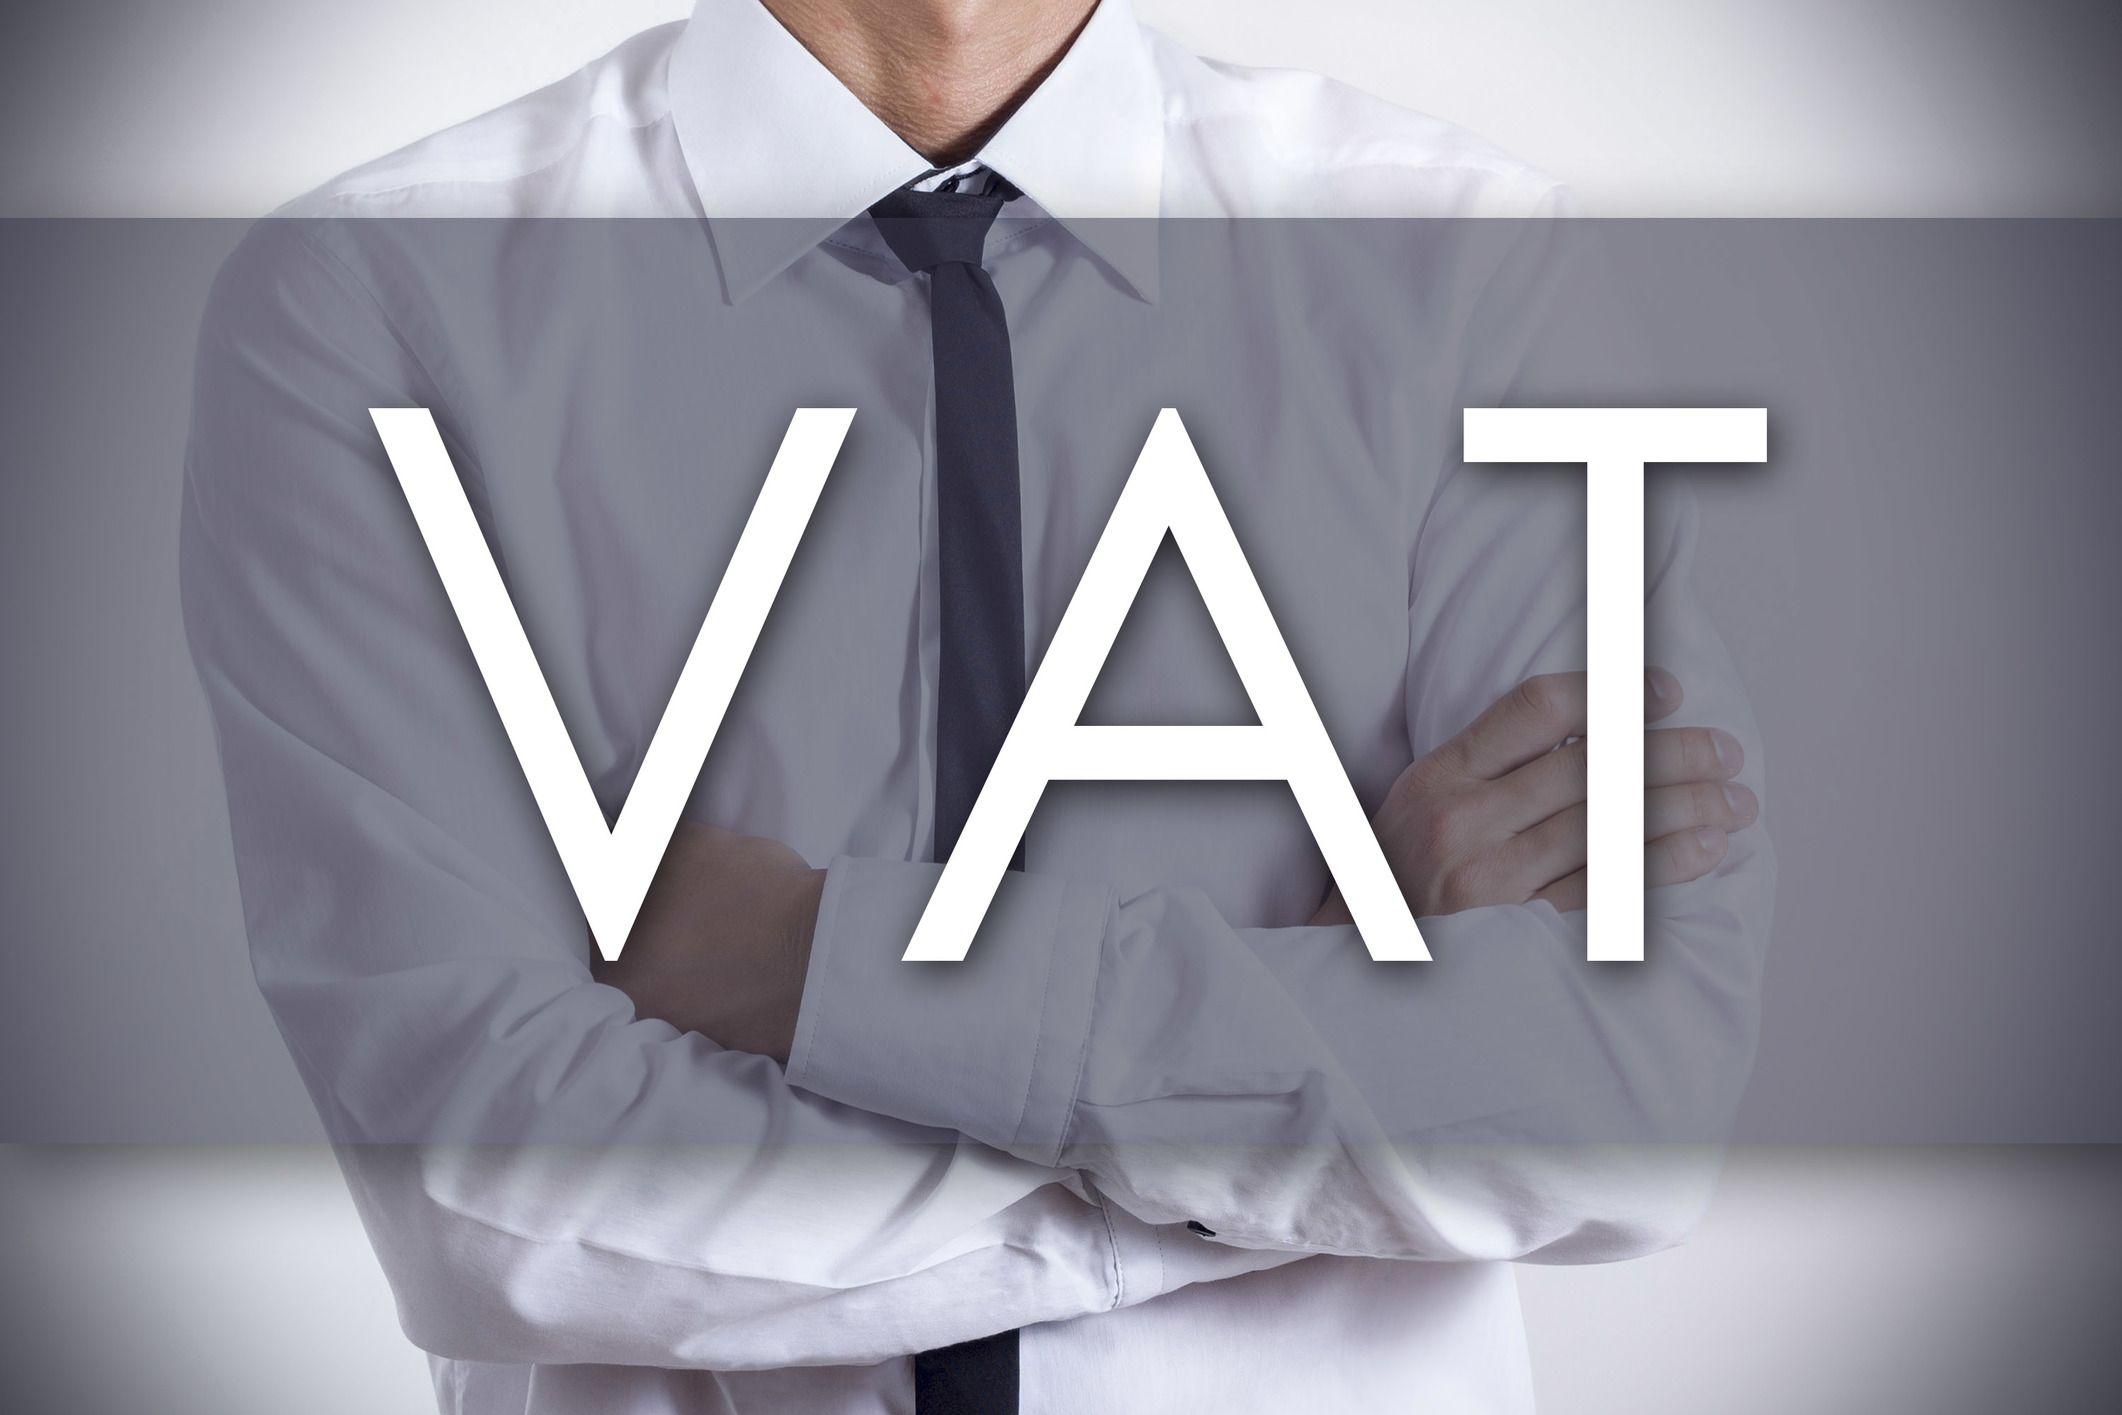 Będzie oficjalny rejestr podatników VAT czynnych